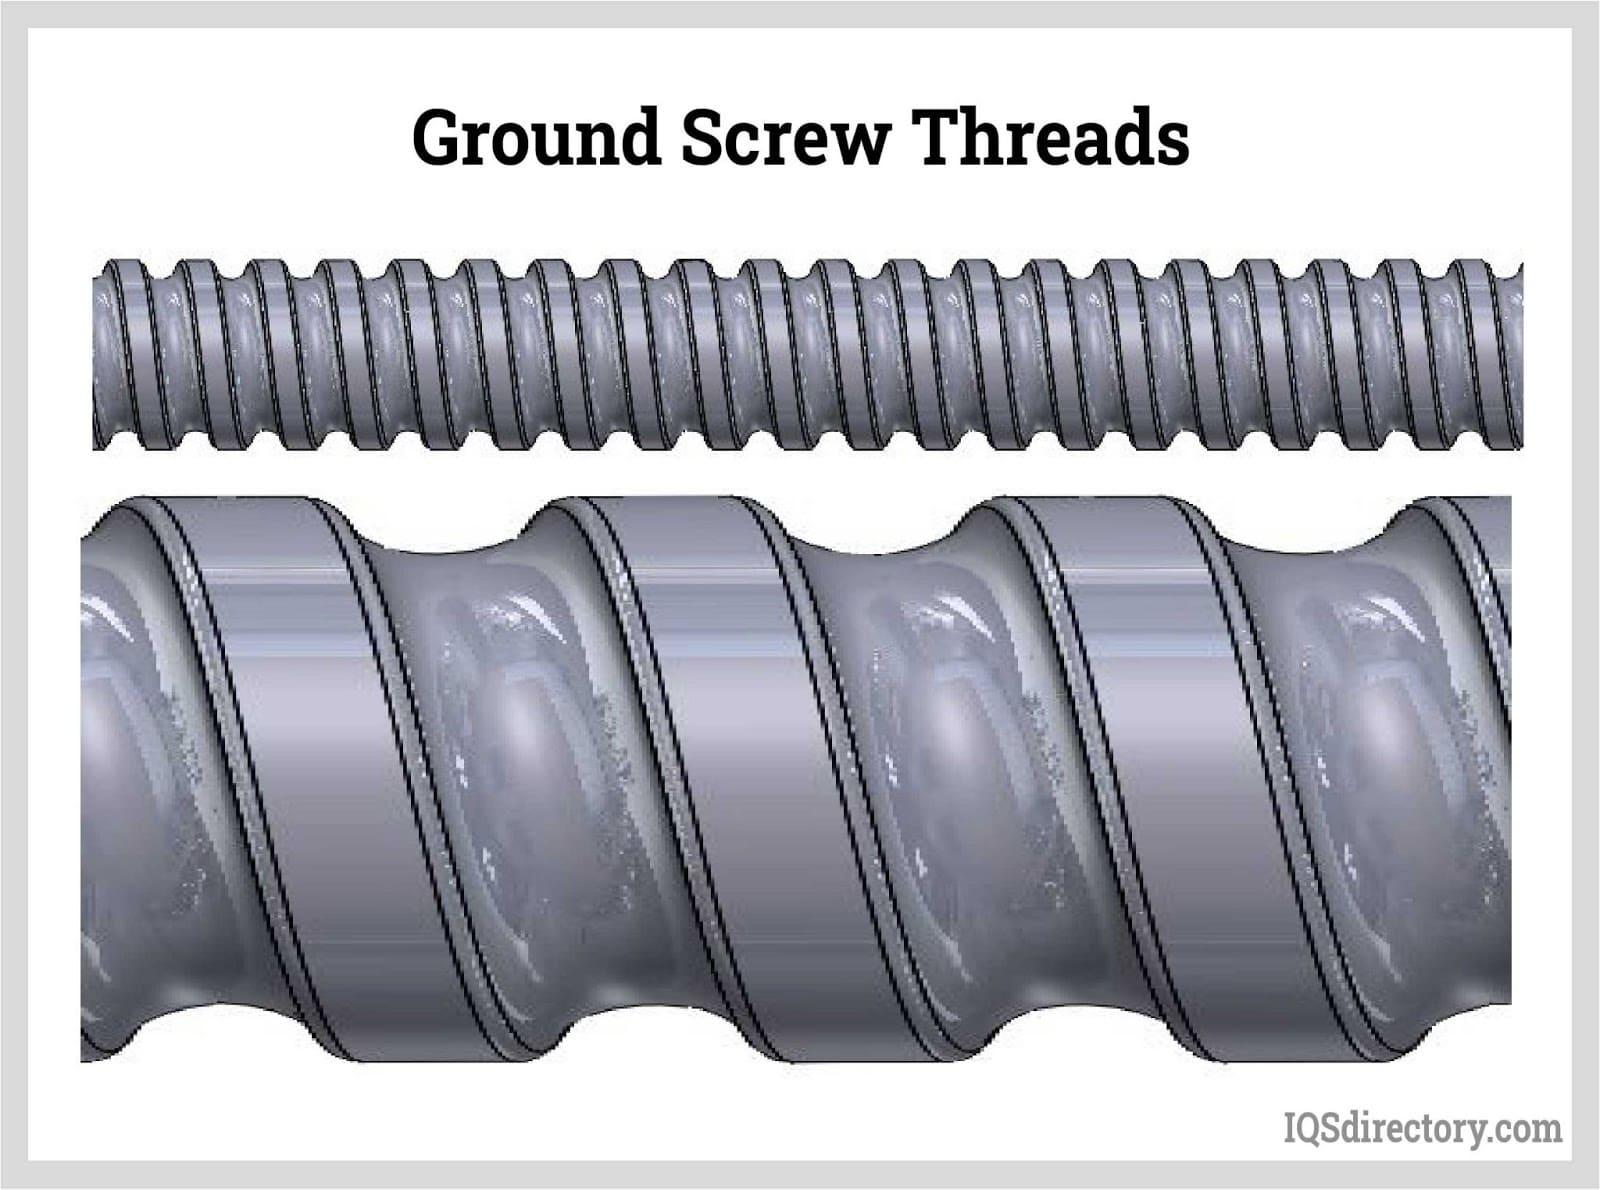 Ground Screw Threads